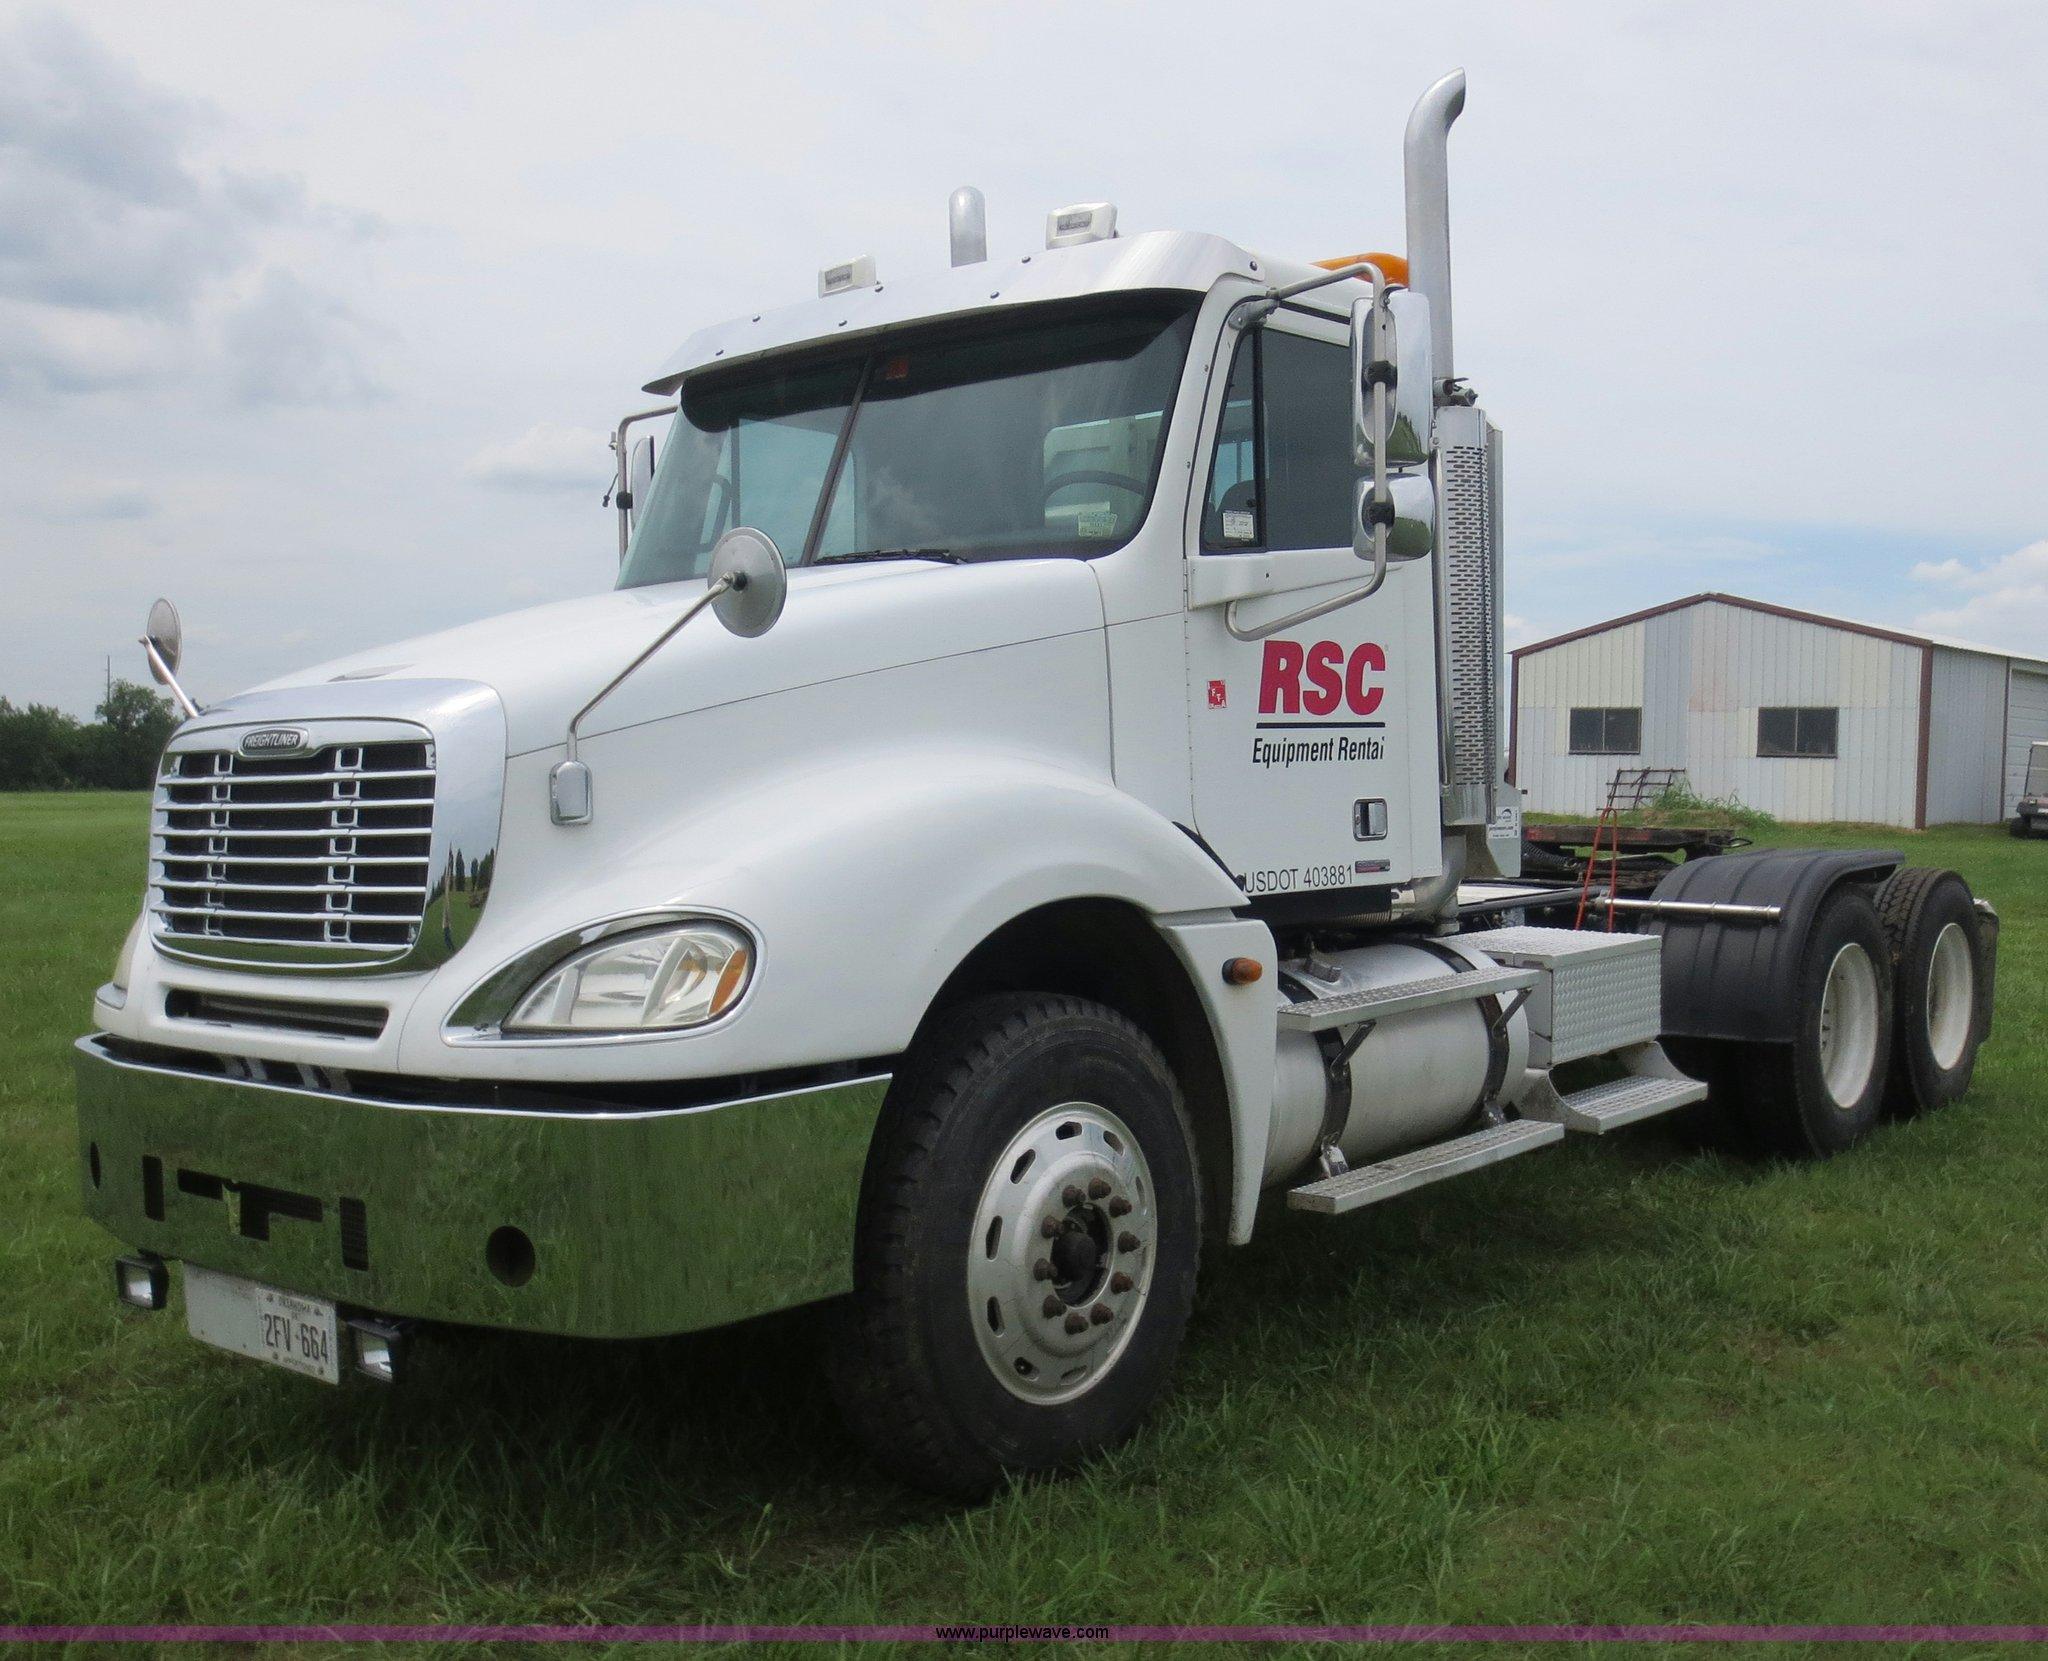 2005 Freightliner Columbia semi truck | Item B2481 | SOLD! J